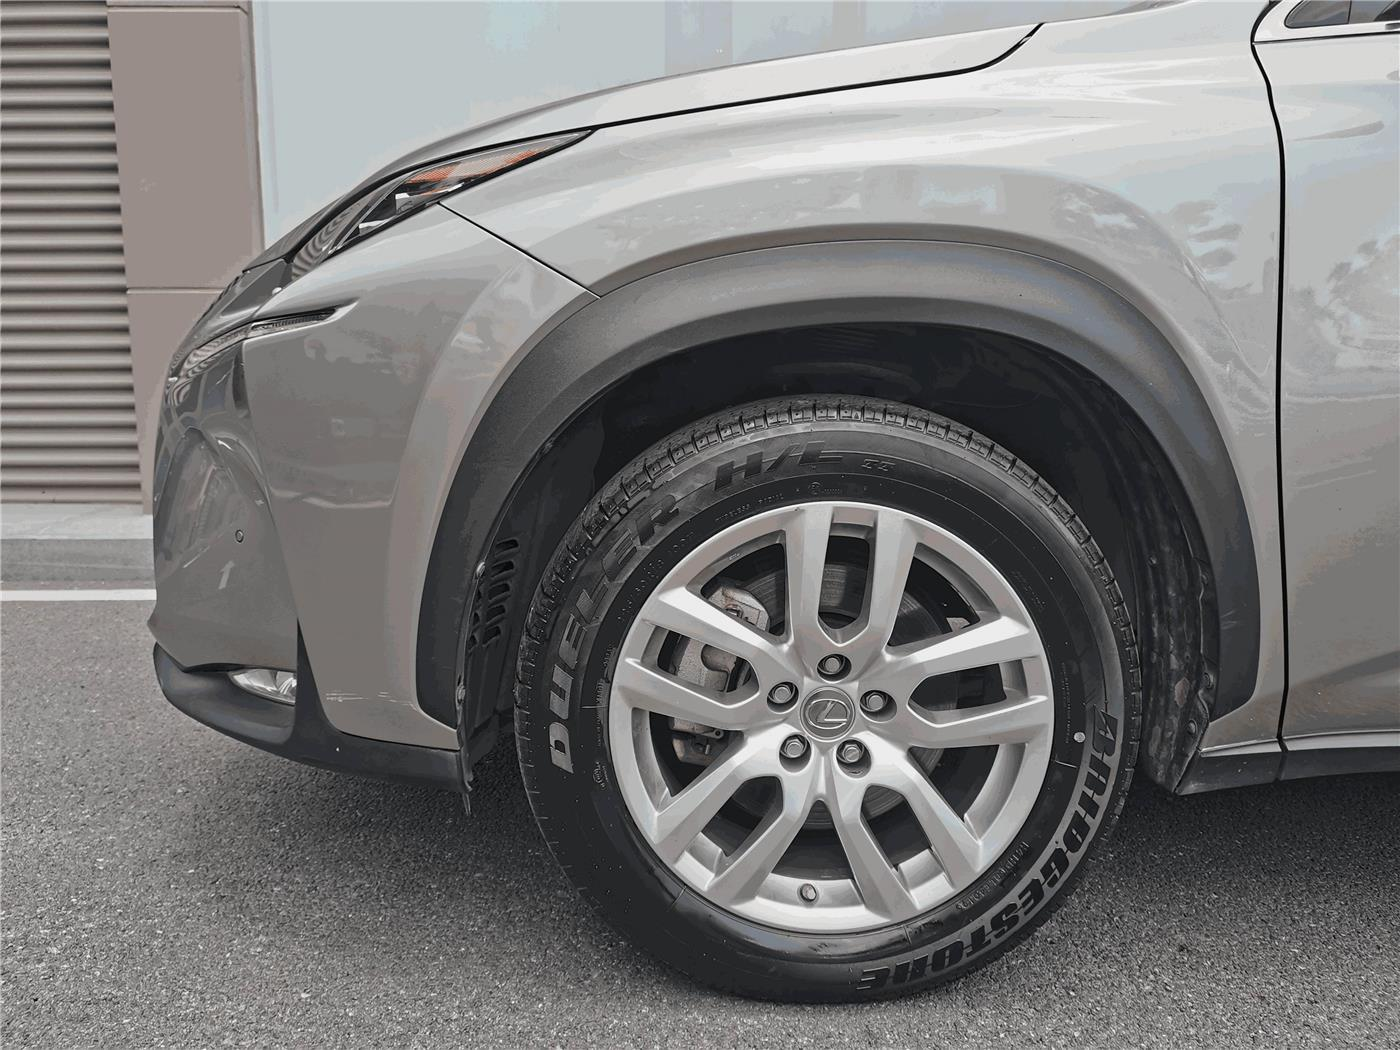 雷克萨斯NX 300h 2.5 CVT四驱锋致版油电混合[201411]